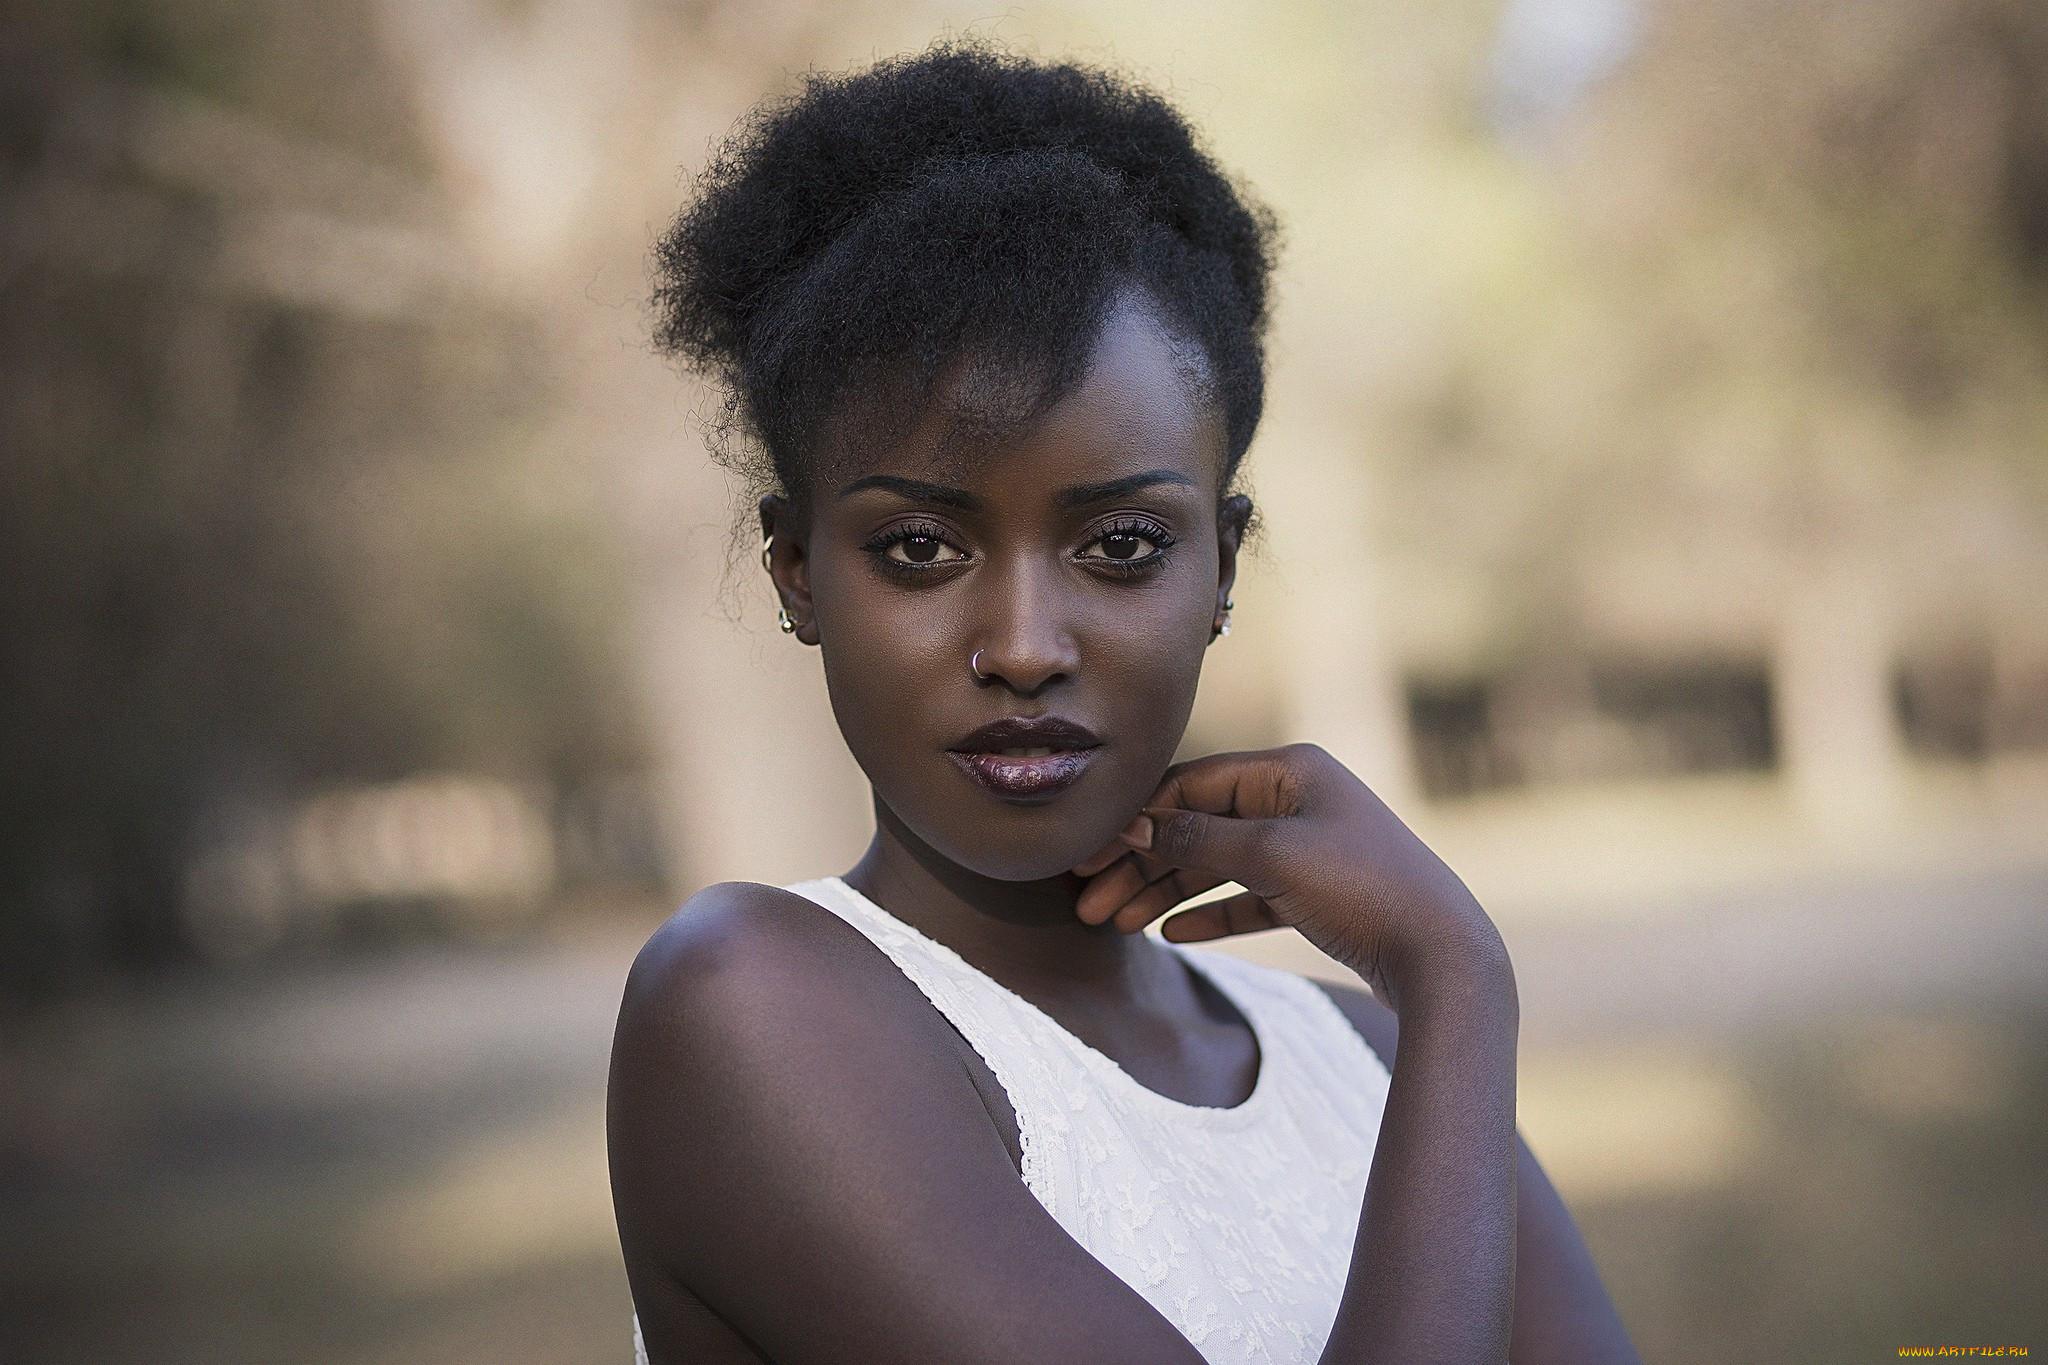 реальной жизни чернокожие фотомодели фото откровенно рассказала обо